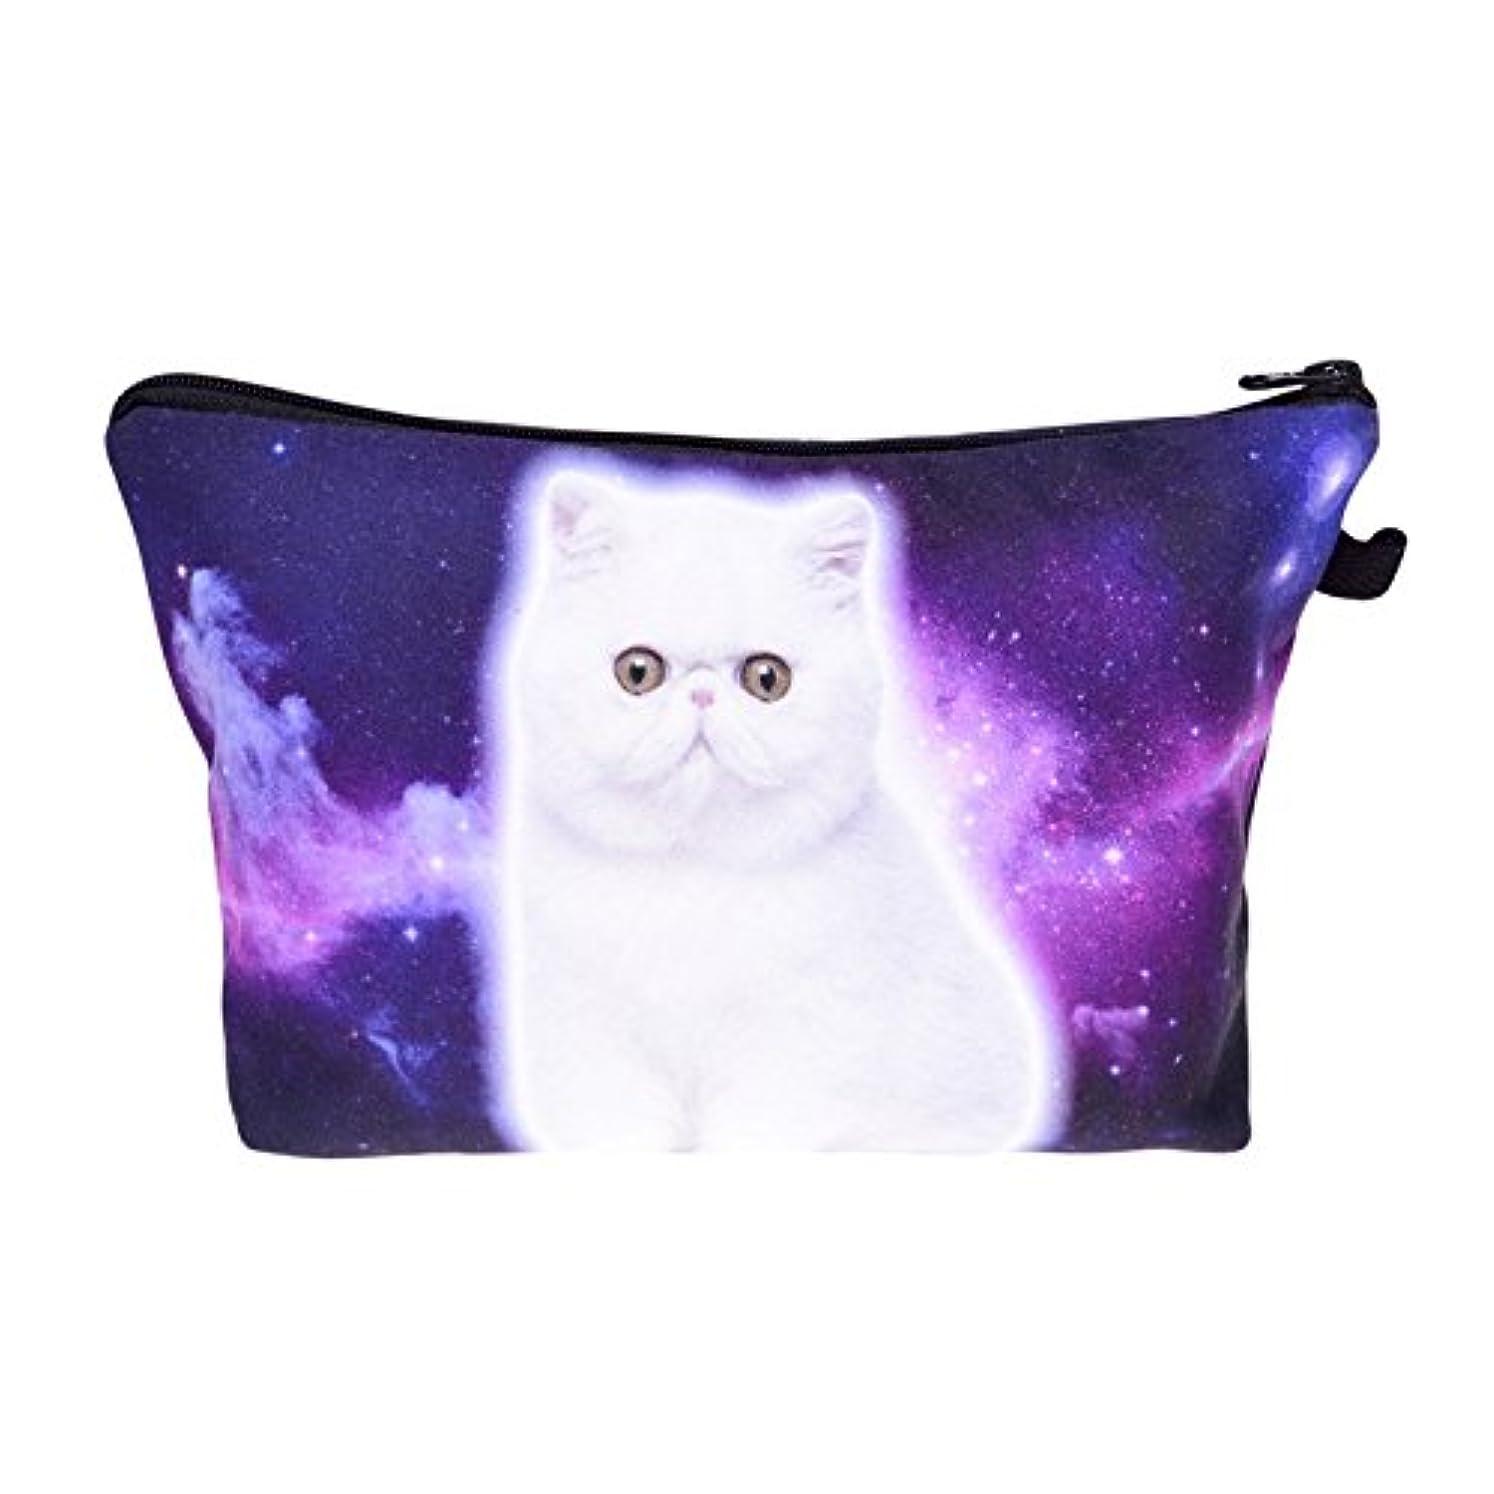 化粧バッグ 化粧ポーチ 収納ケース メイクバッグ 化粧収納バッグ 折畳式 携帯型便利 容量大きいかわいいお洒落 旅行軽量 猫柄 (紫)